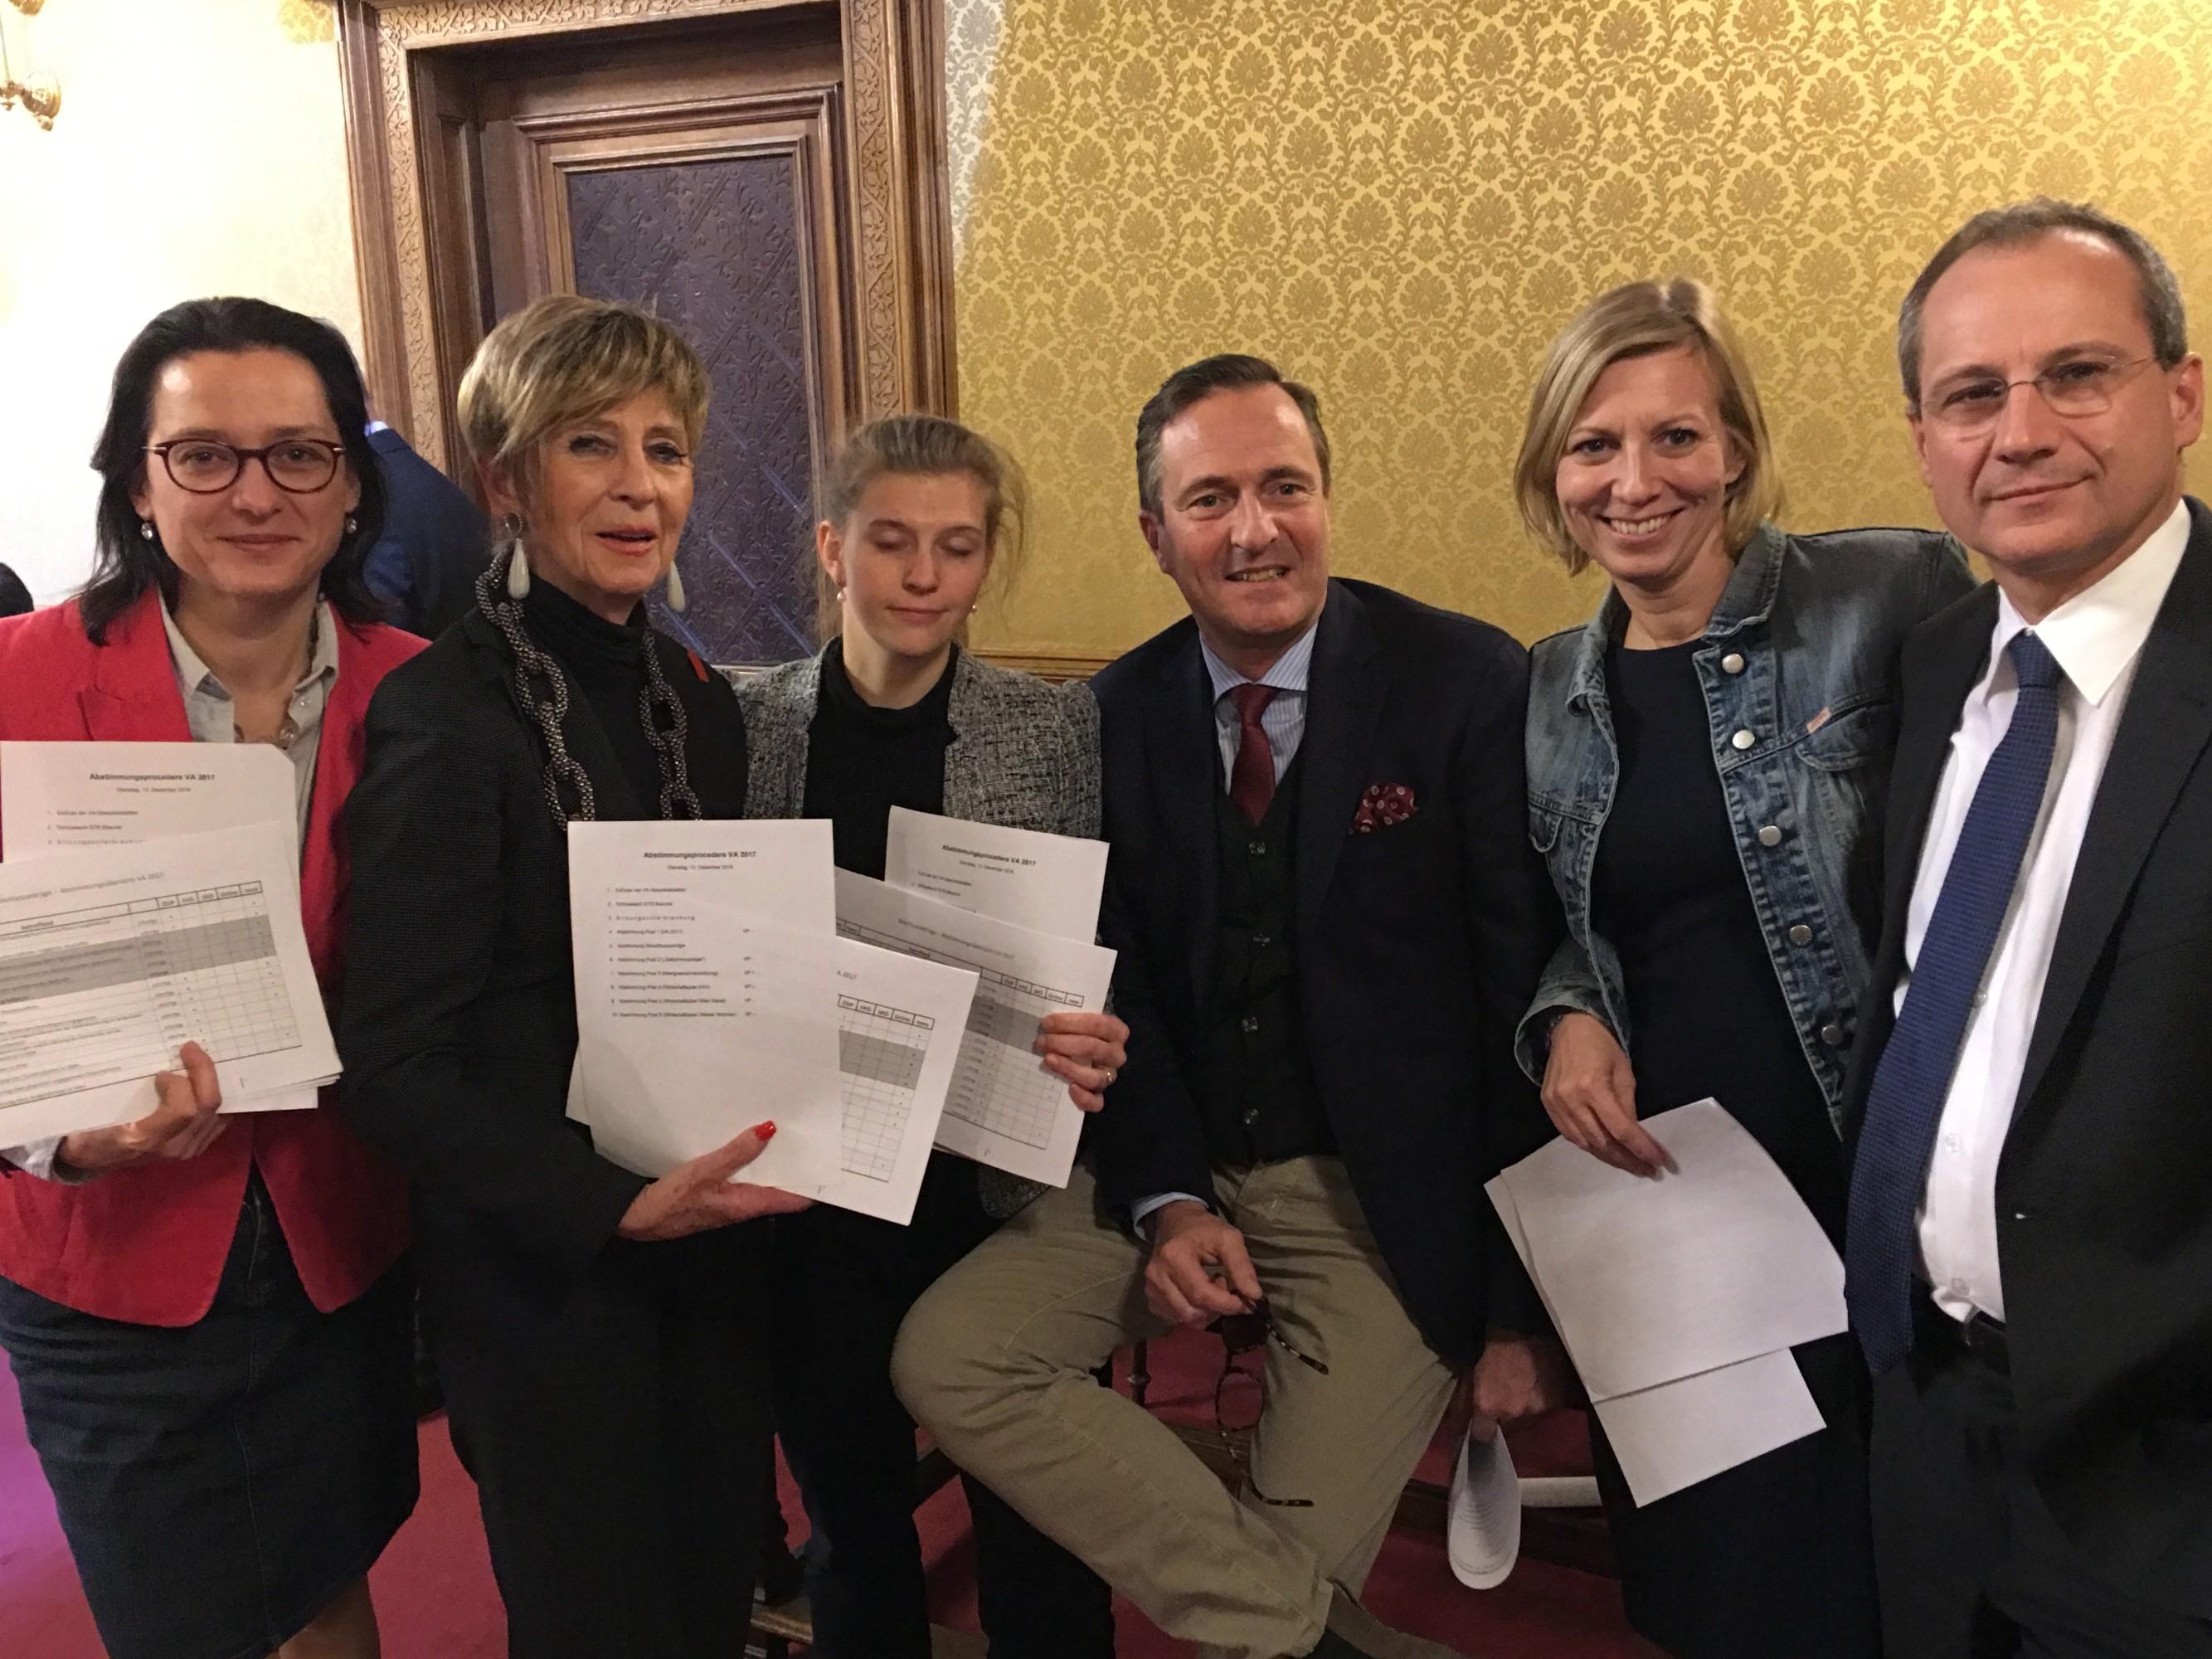 budgetdebatte-dez-2016-gruppenfoto